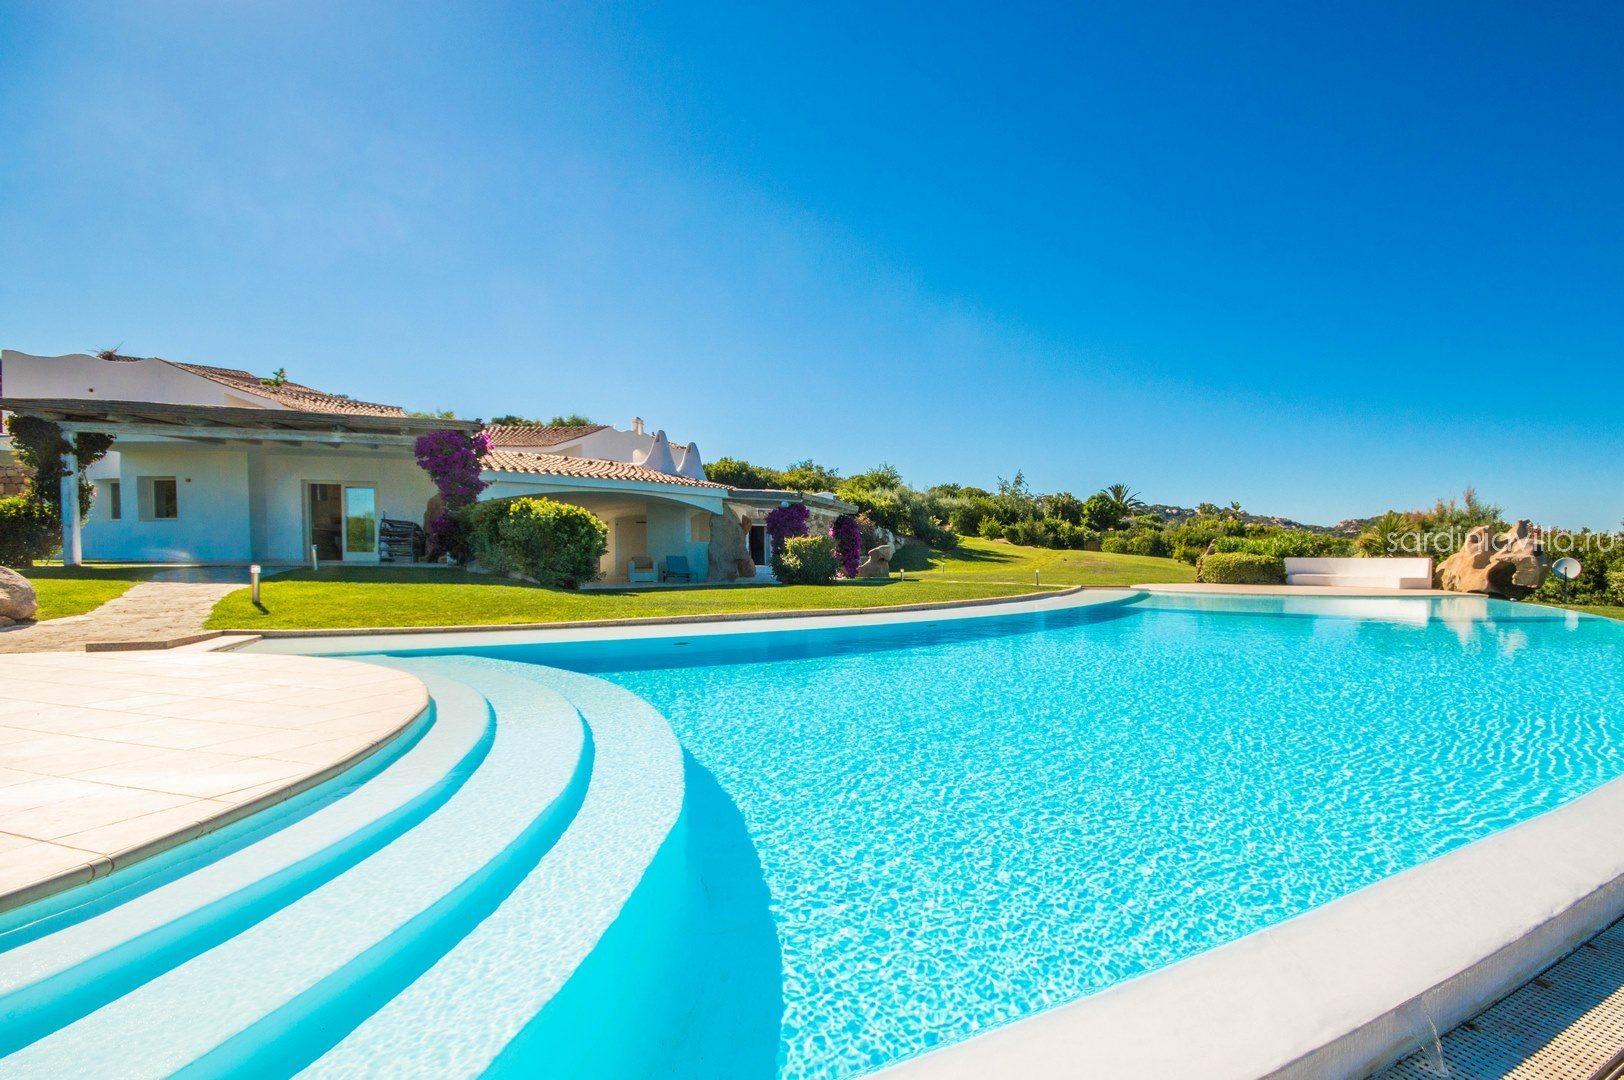 Виллы на сардинии аренда недвижимость на кипре продажа объявления